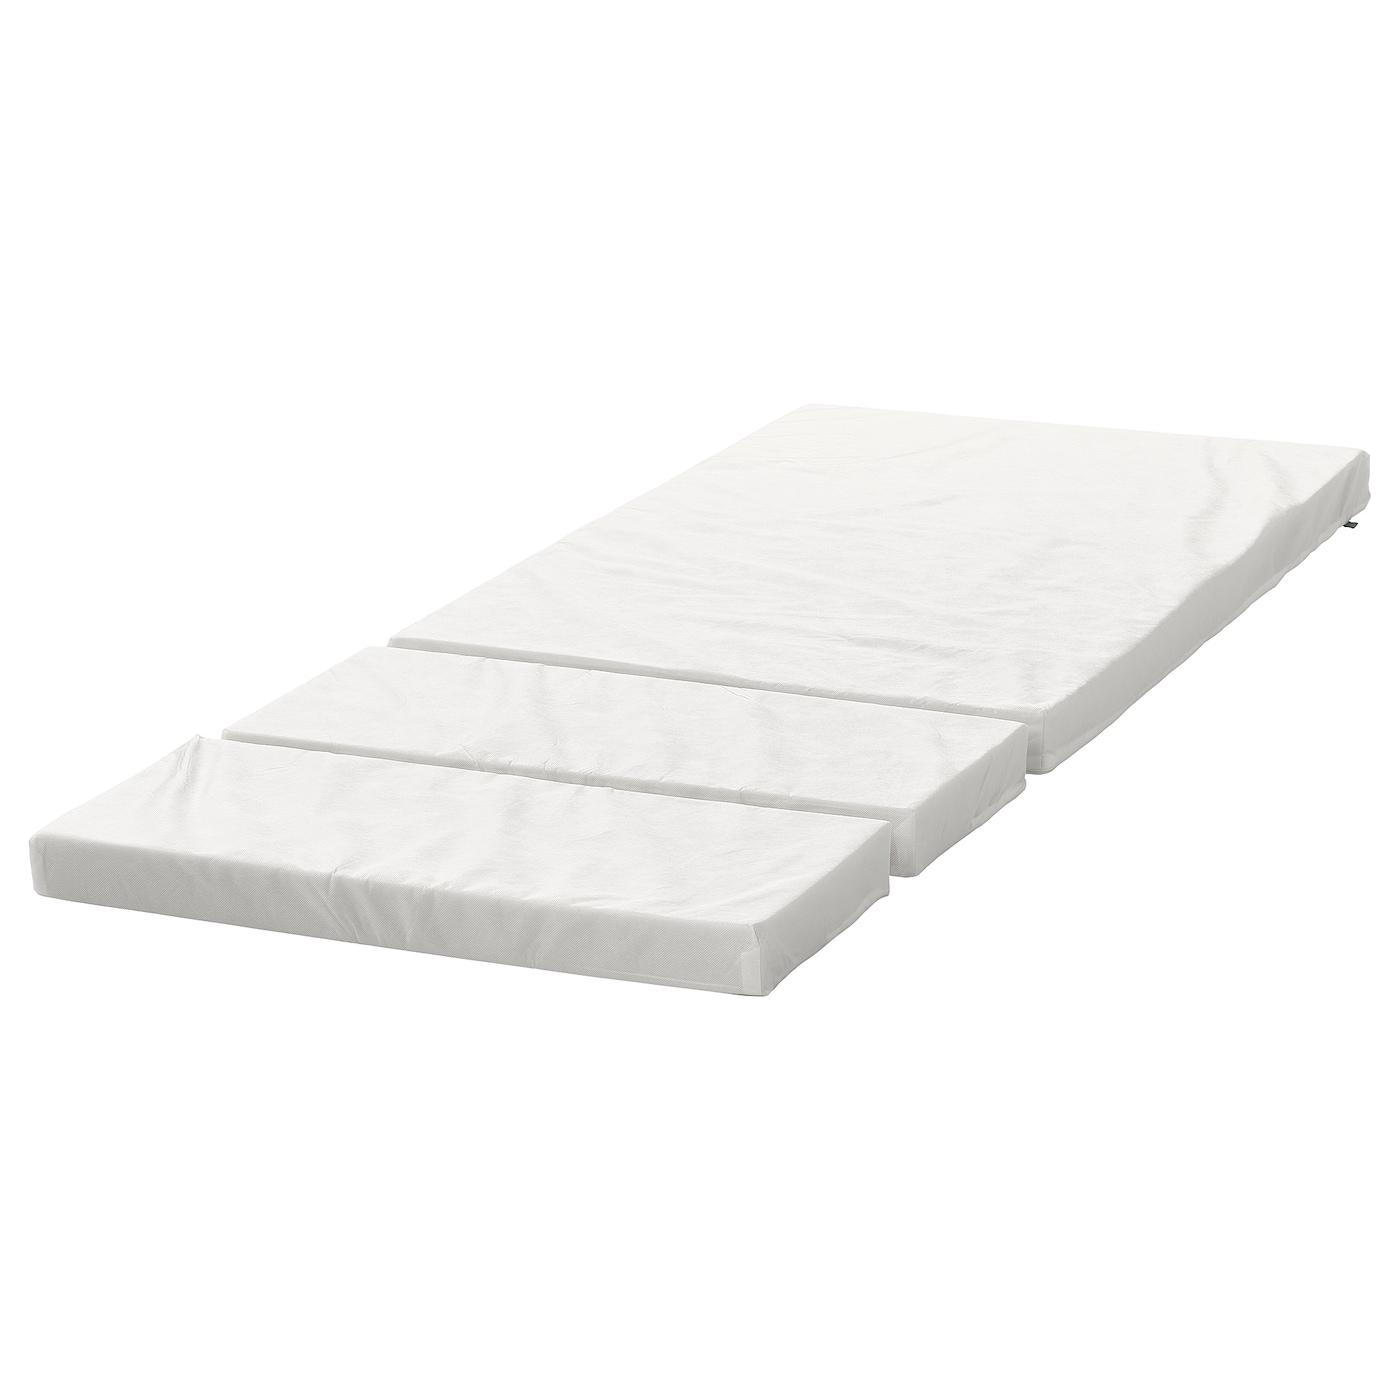 Coprimaterasso Impermeabile Per Letto Singolo O Culla Ikea Len Lenzuola Coprimaterasso Casa E Cucina